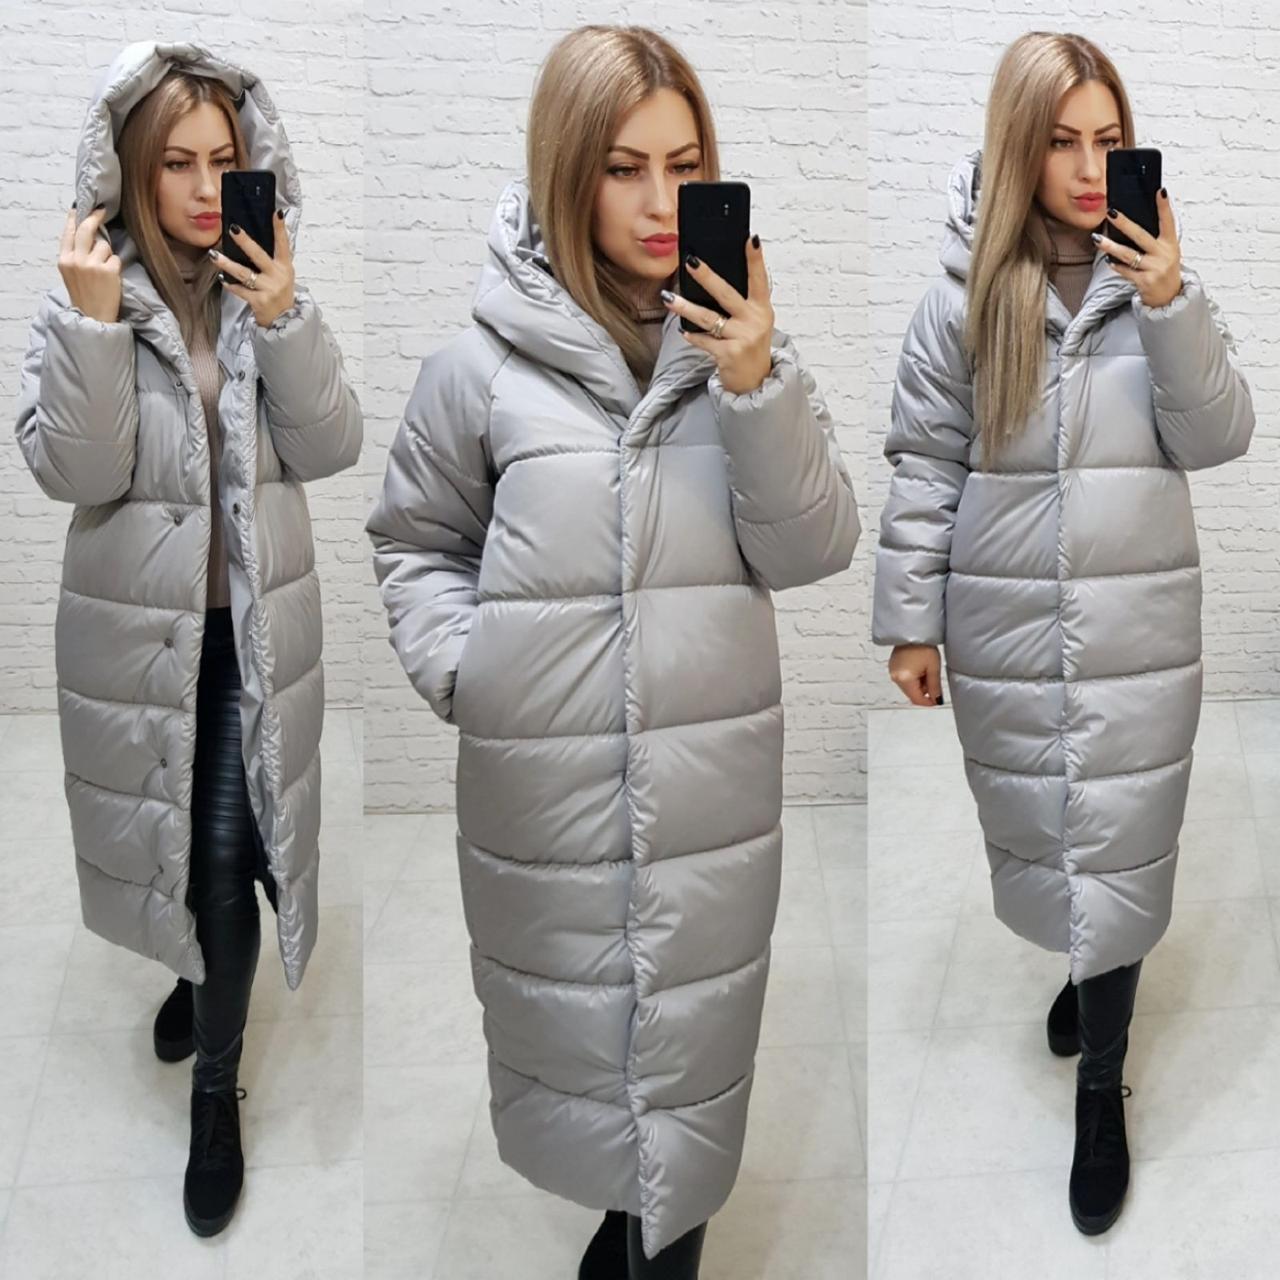 Пальто куртка Oversize зима, артикул 521, колір сірий перламутровий